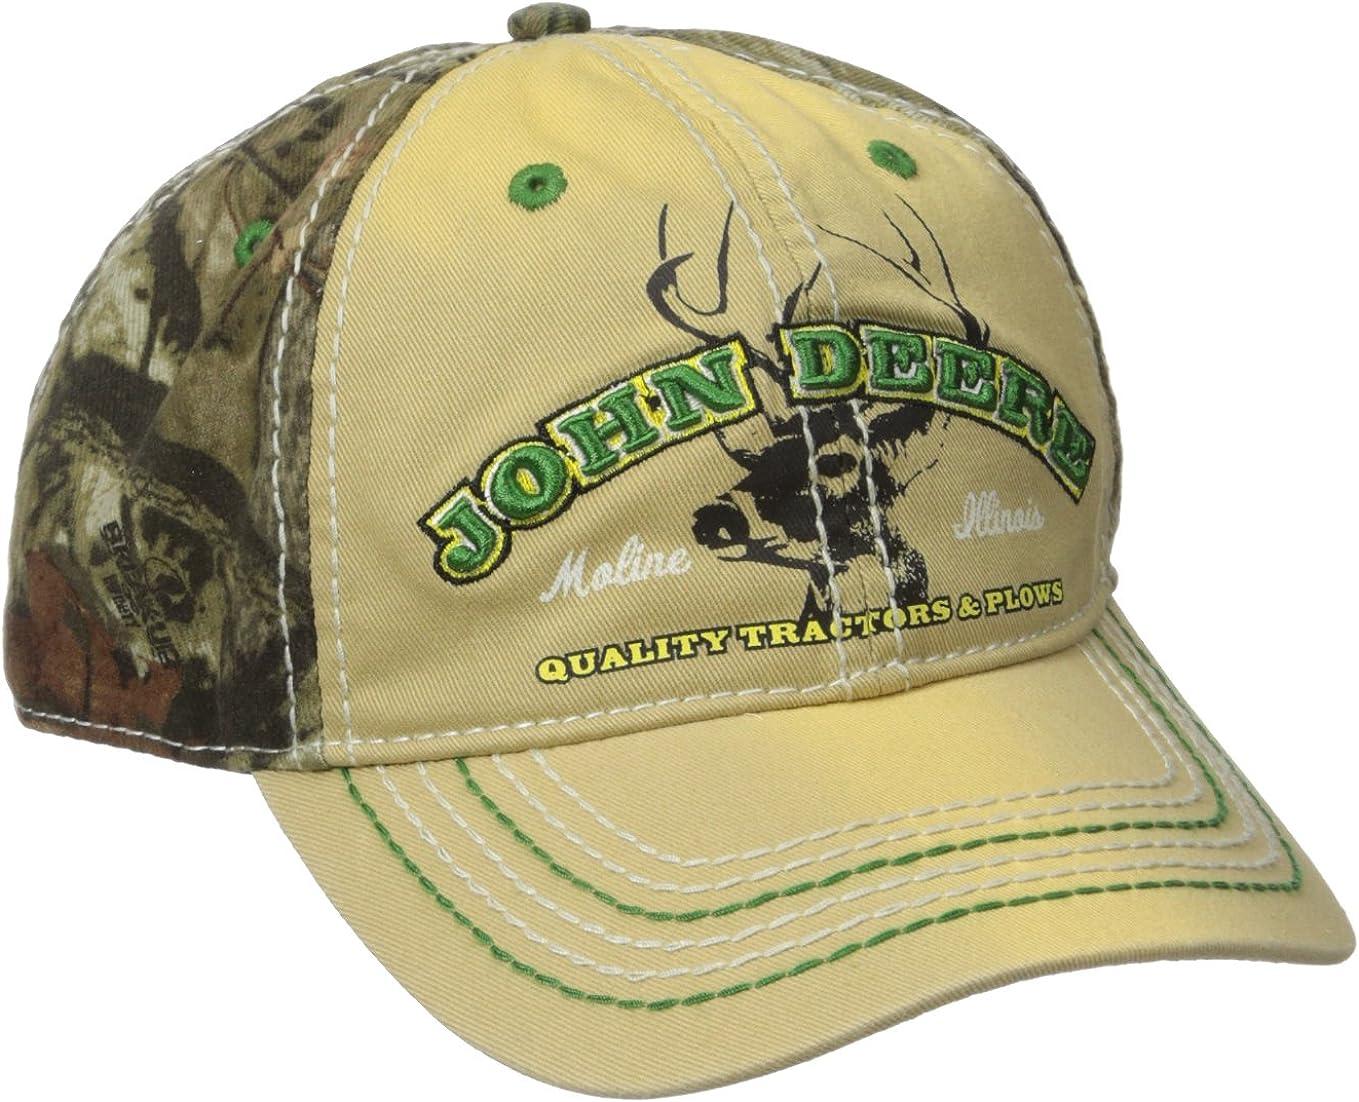 John Deere Mens Mossy Oak Back Cap: Amazon.es: Ropa y accesorios